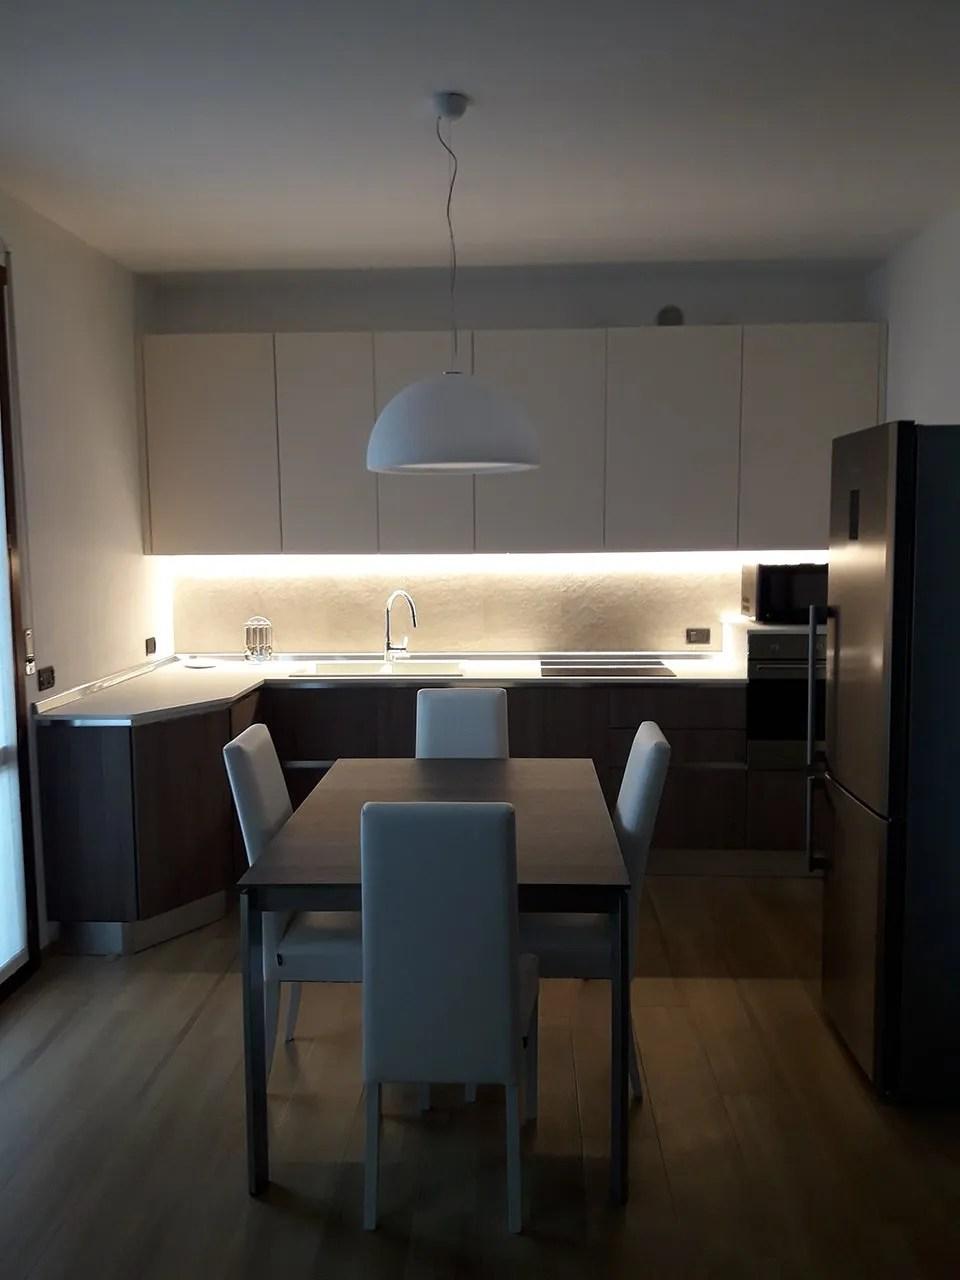 Illuminare la cucina con strisce led e faretti  Architempore